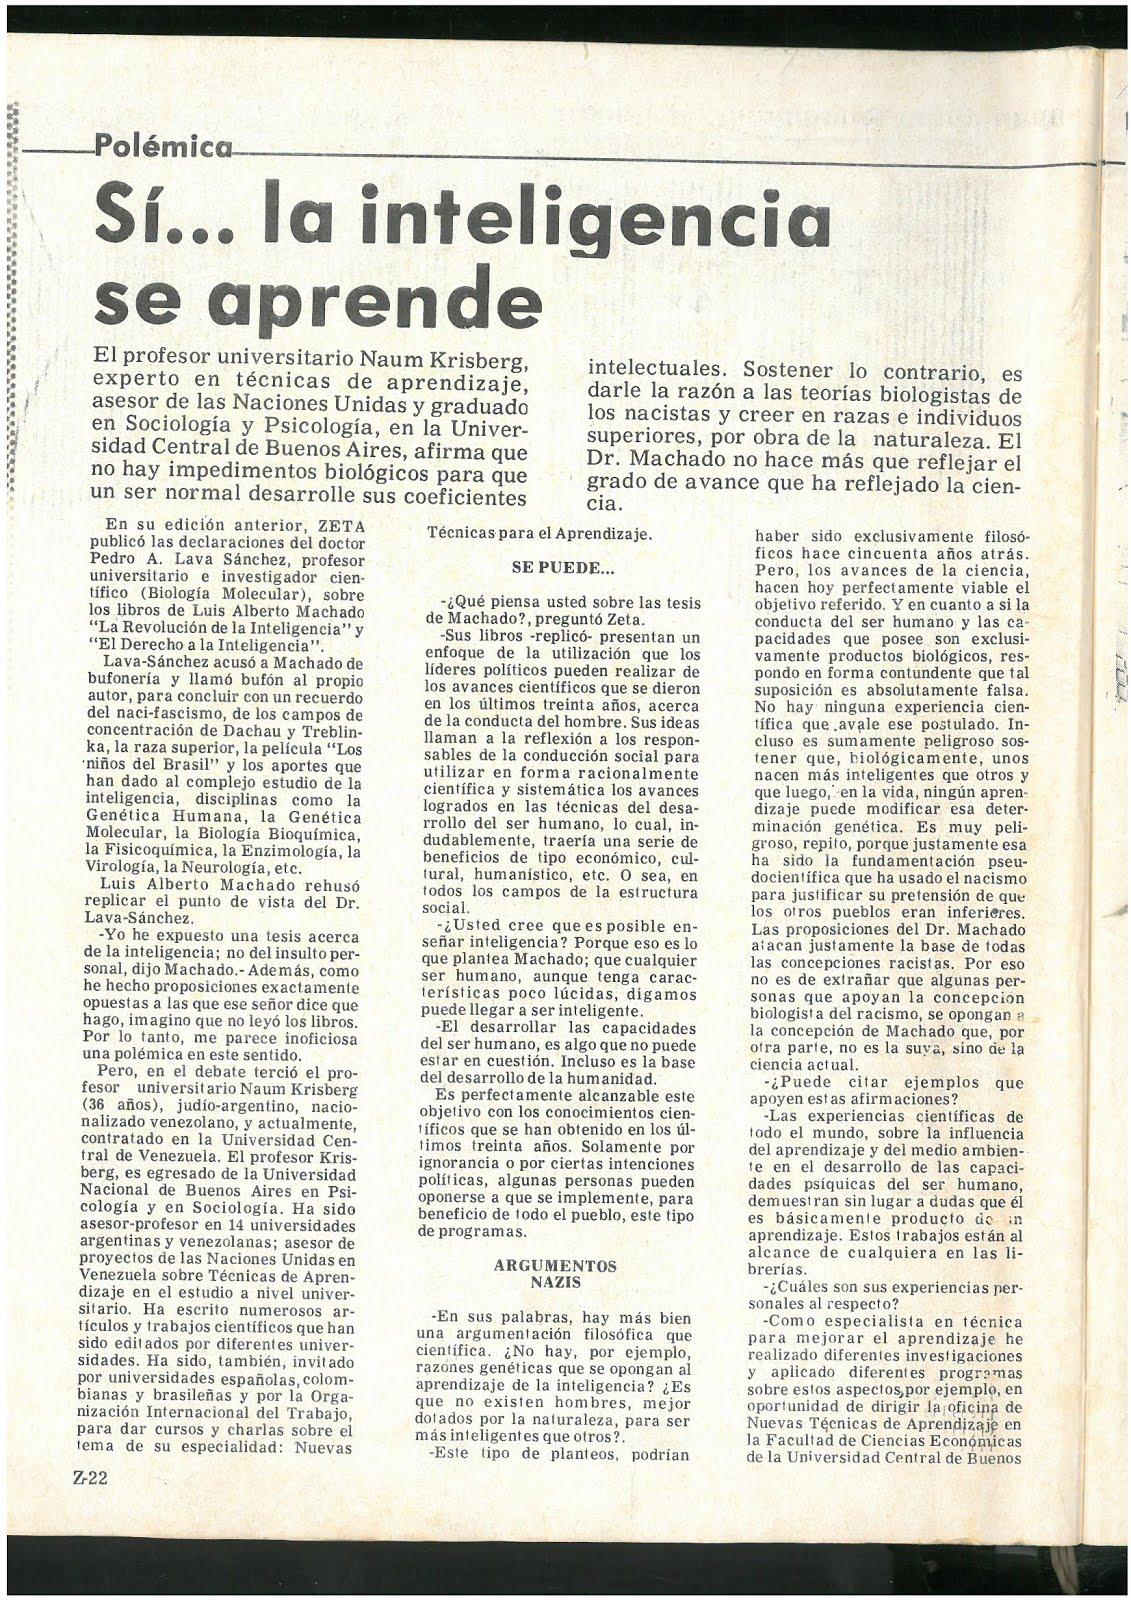 20 - Revista Zeta. Caracas. Venezuela. 18/02/1979. En este extenso reportaje de 3 páginas a